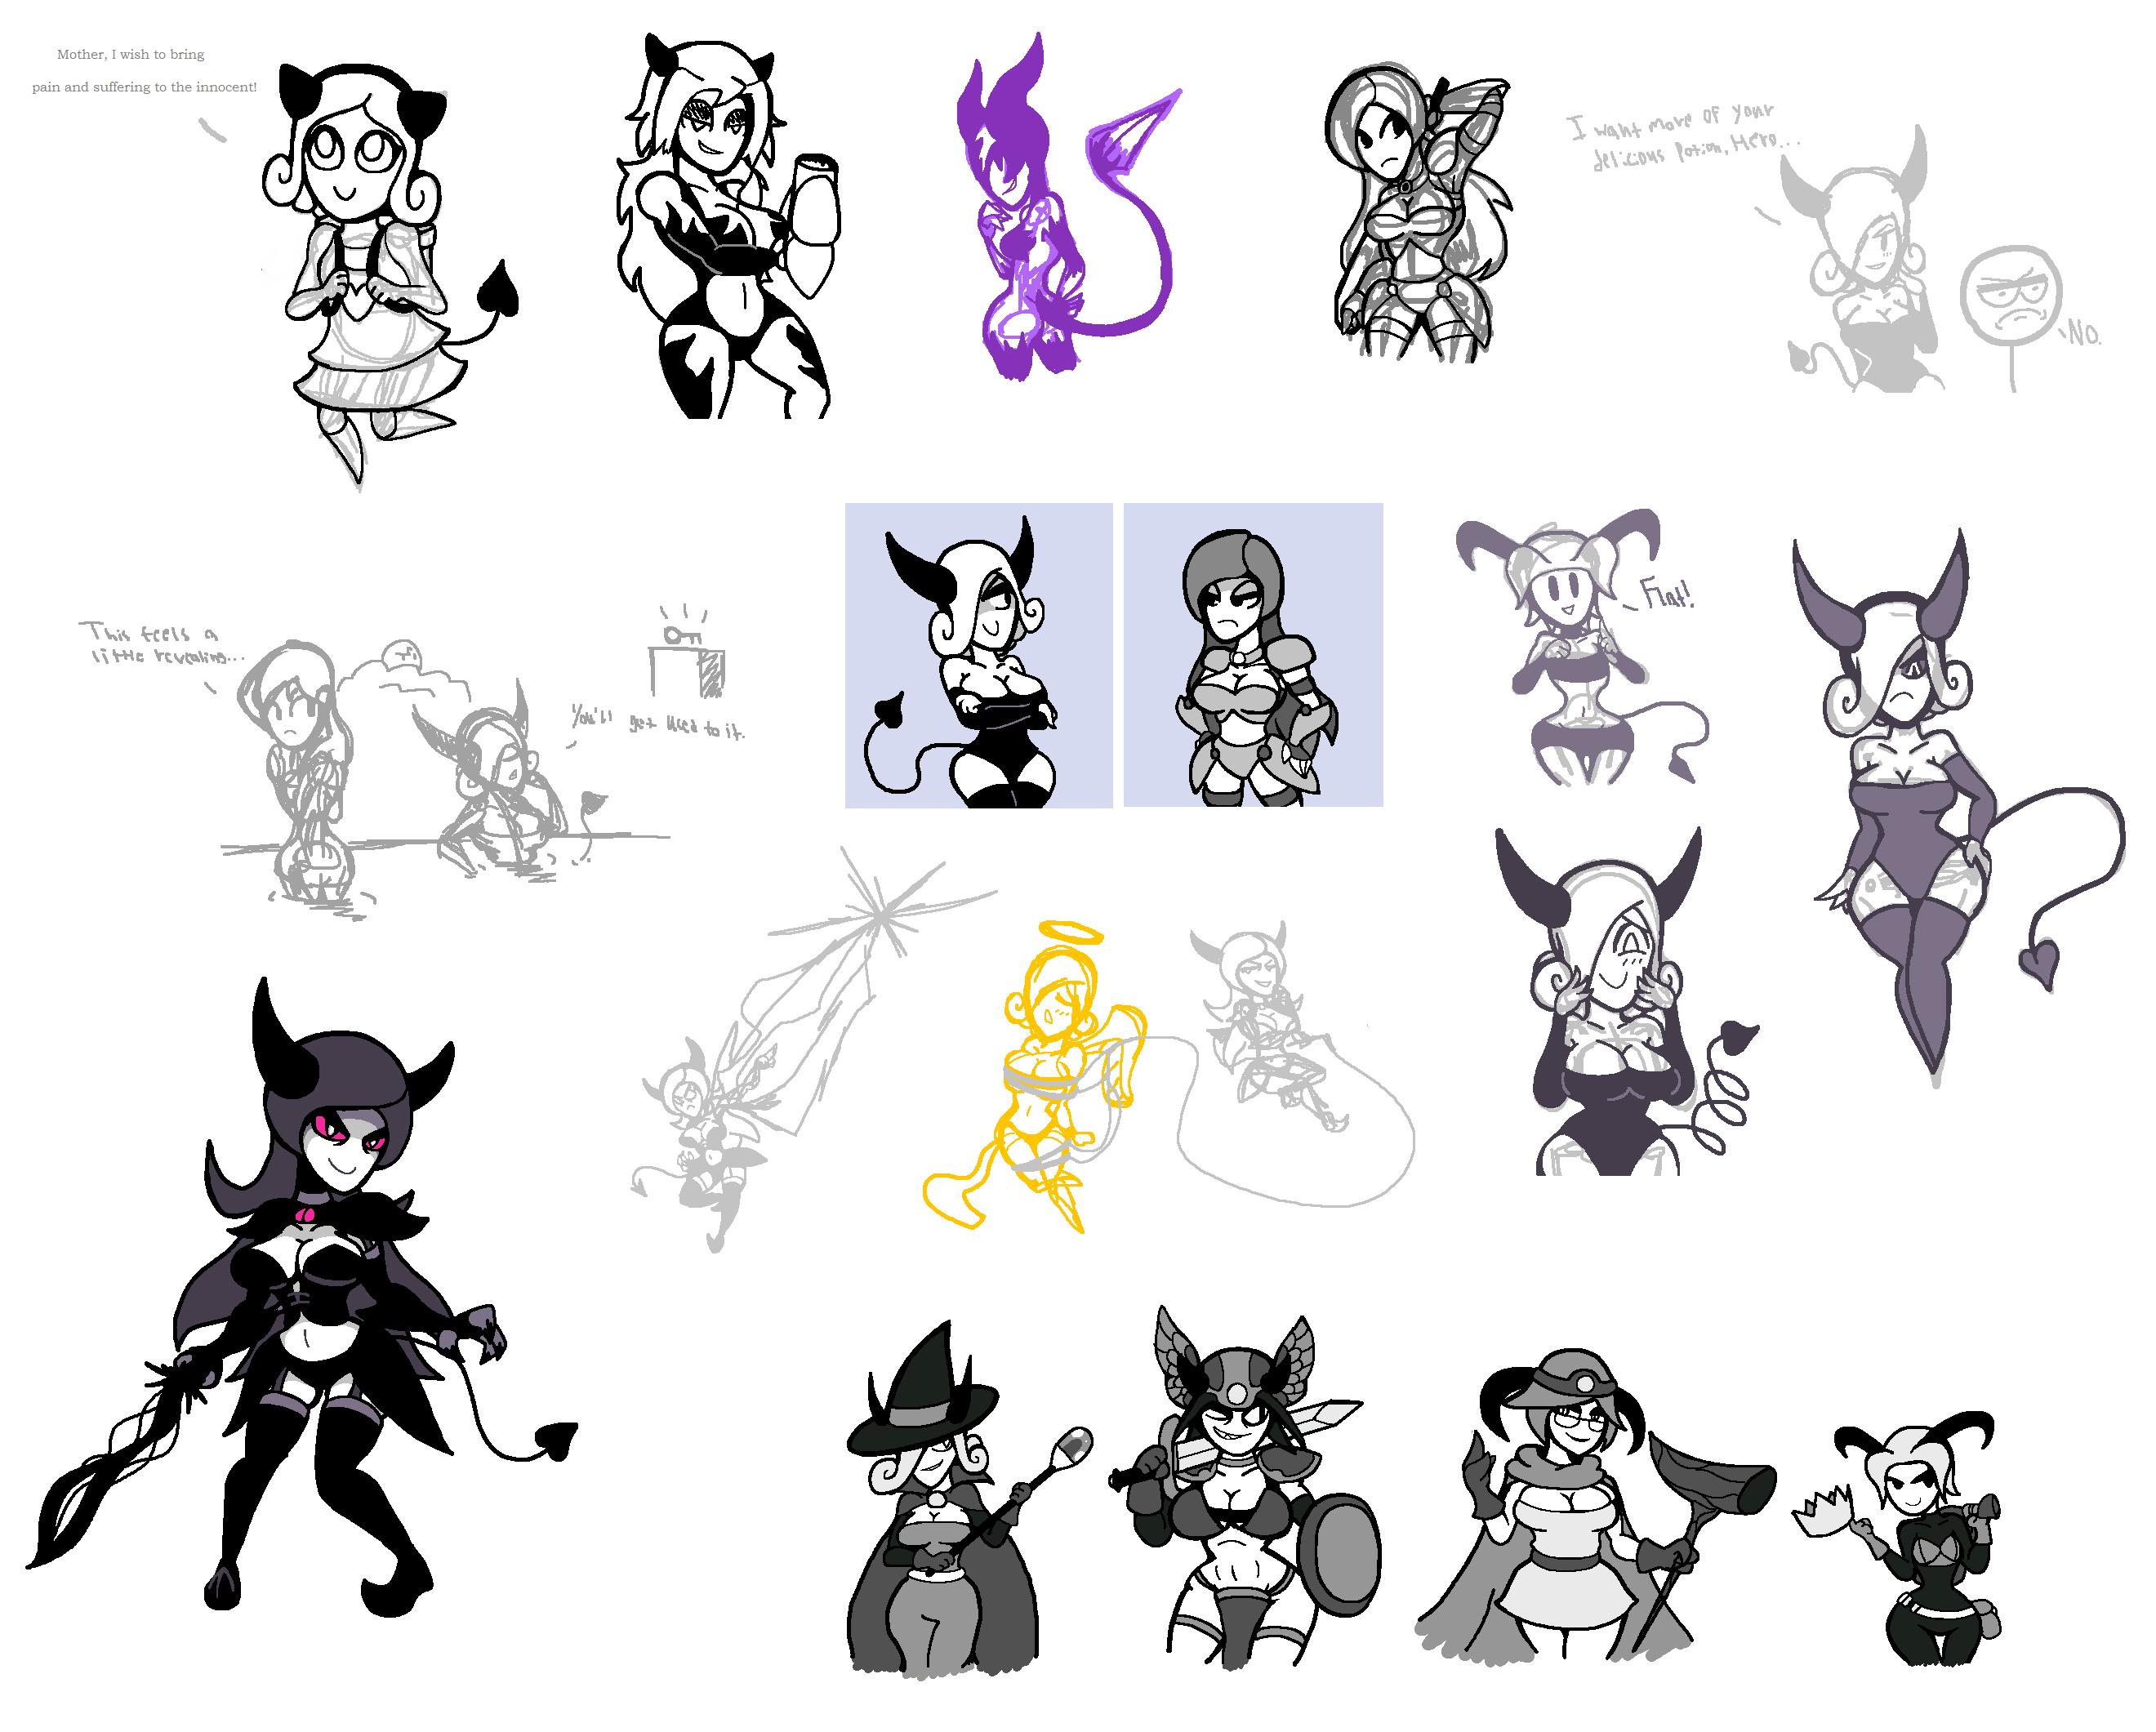 Demonic doodles 2 by Noland005